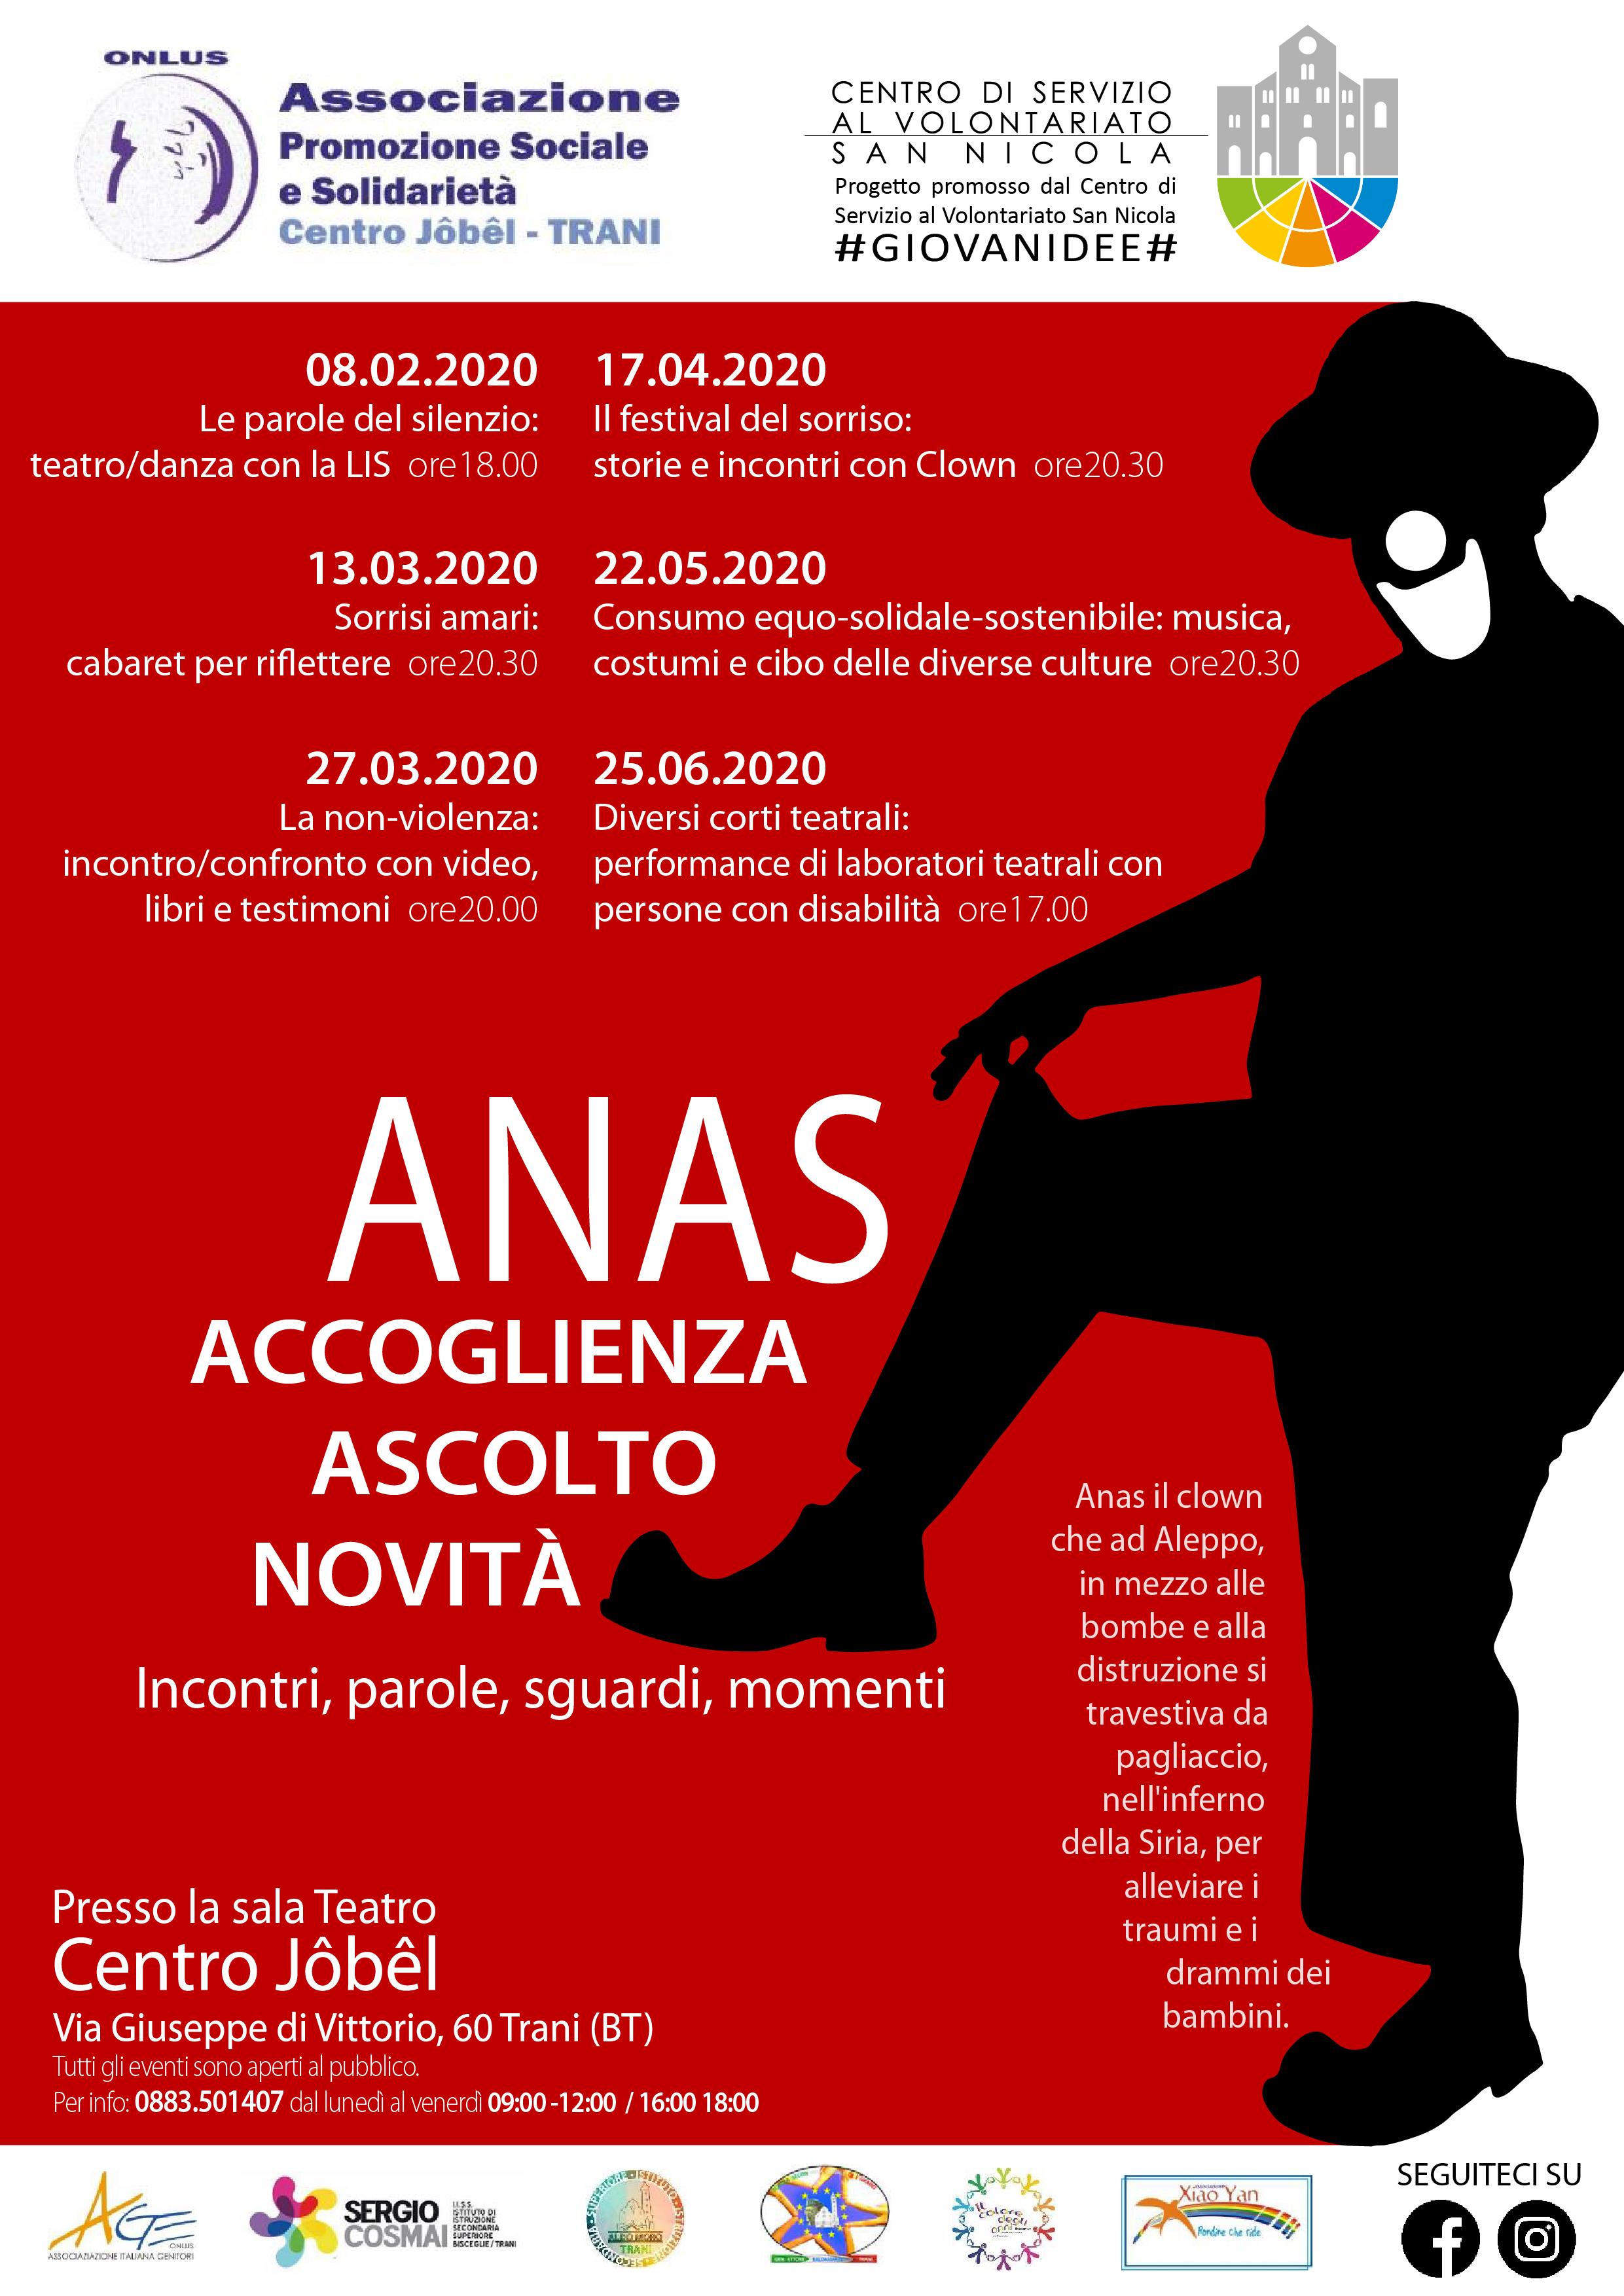 Locandina ANAS – Accoglienza Novità Ascolto Solidarietà